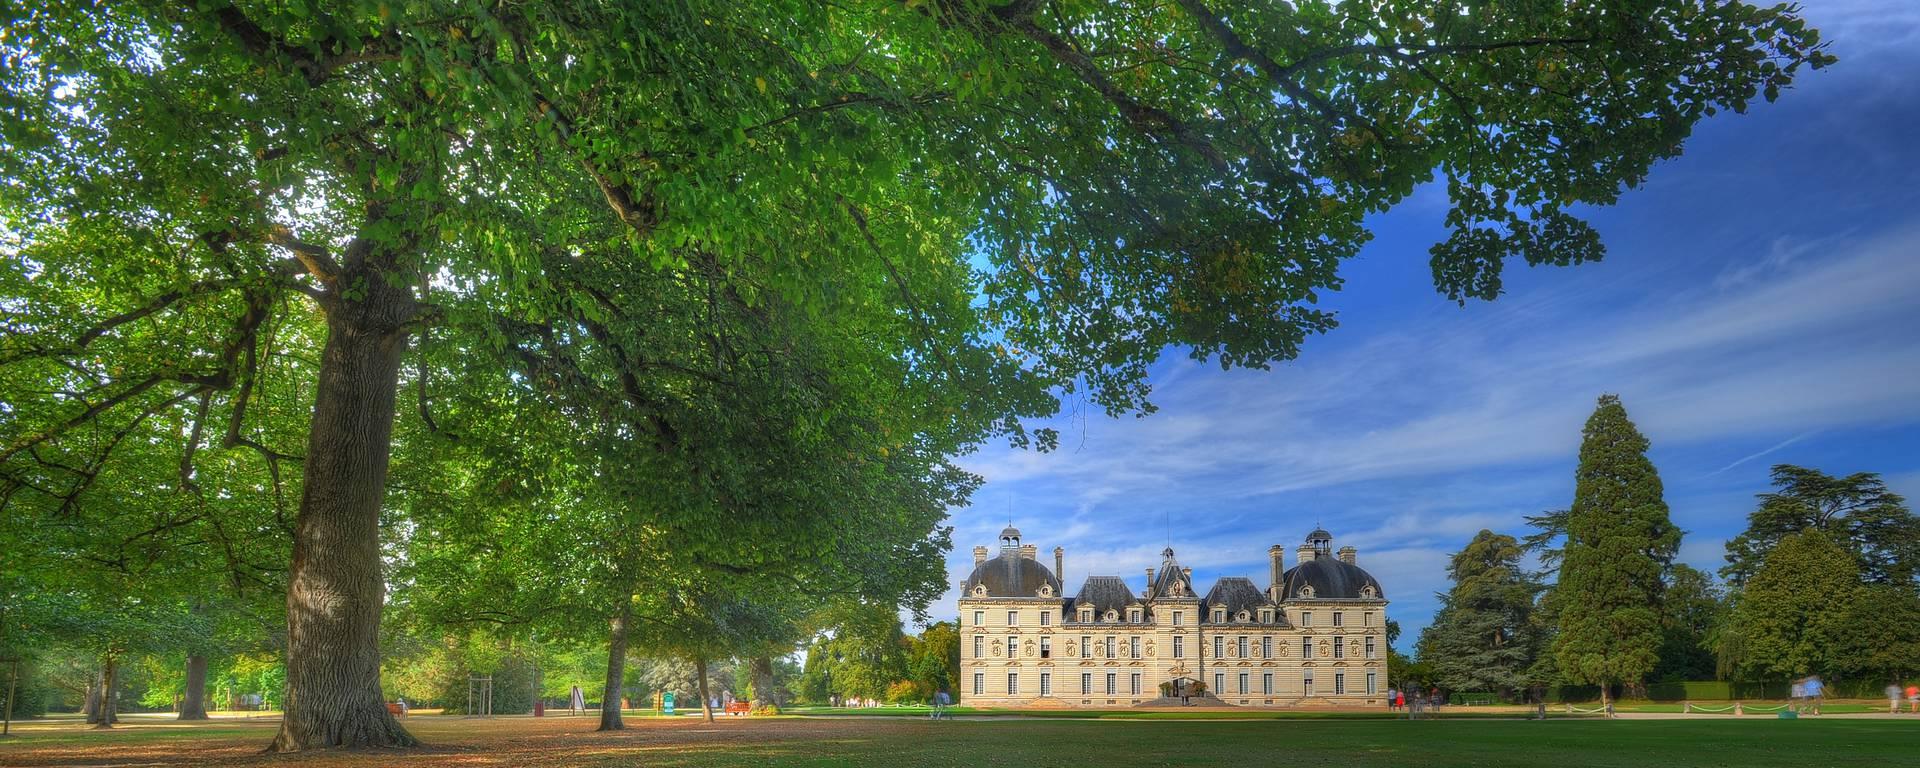 El Castillo de Cheverny visto desde el parque